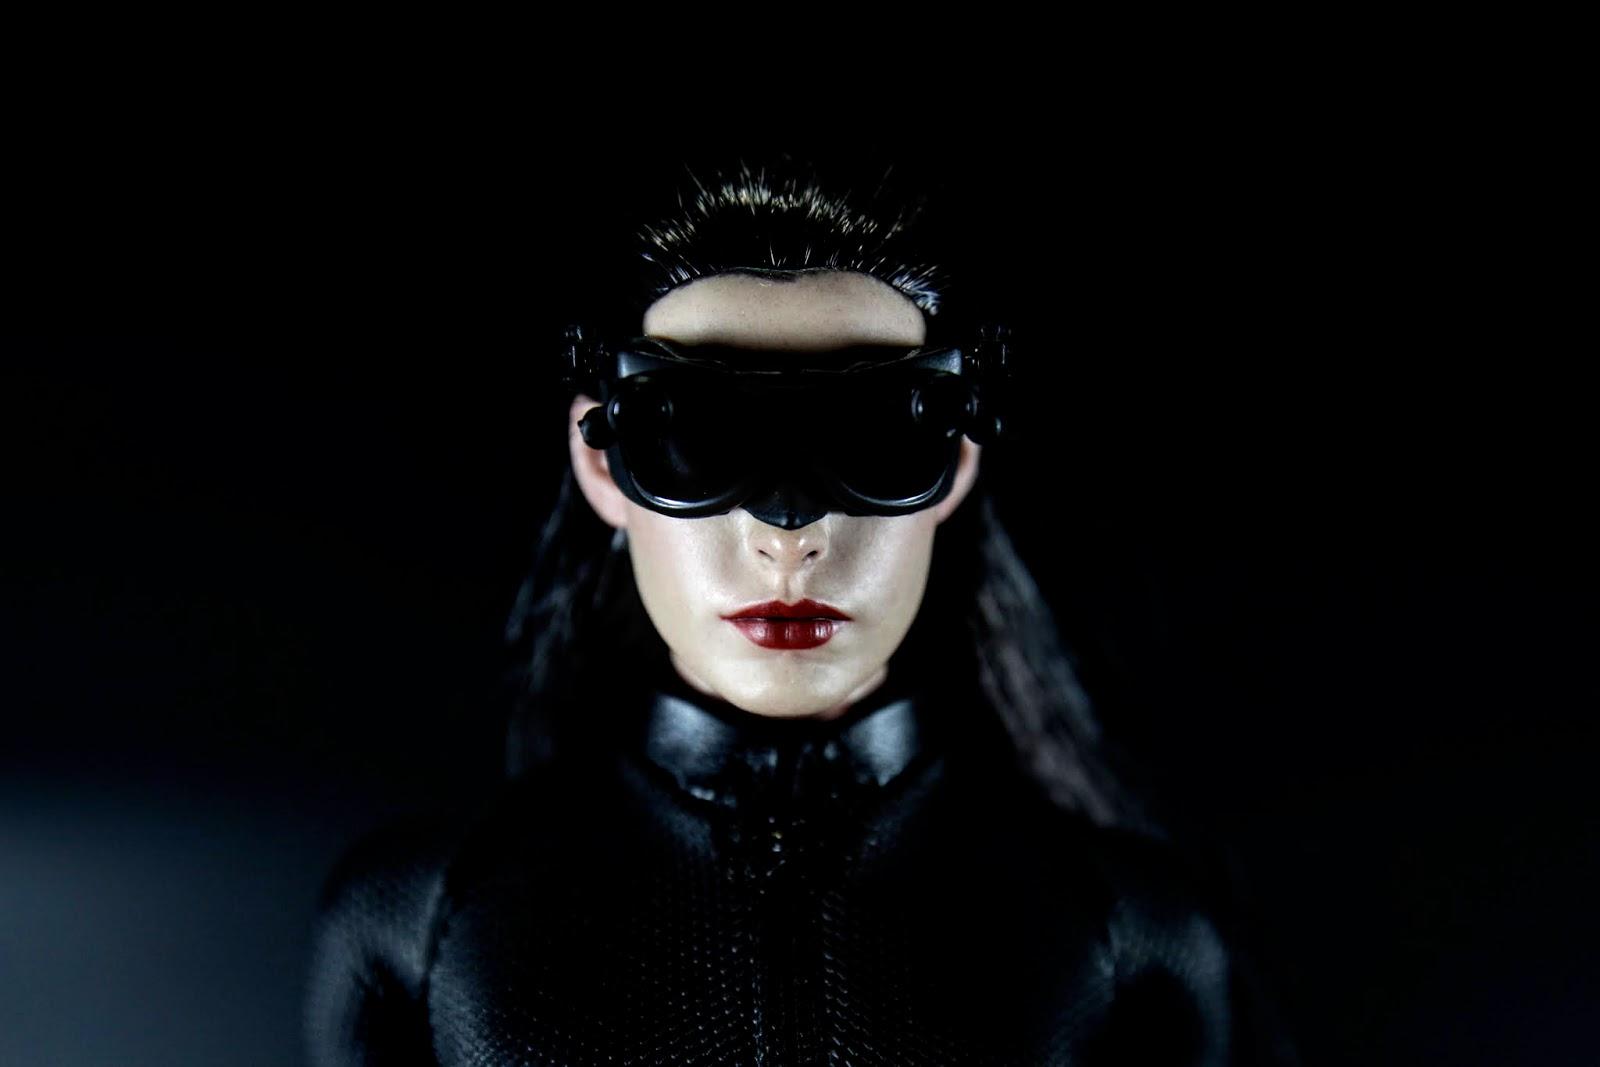 眼罩可動,網路上許多人有折斷的問題,的確施力的時候不平均真的會斷